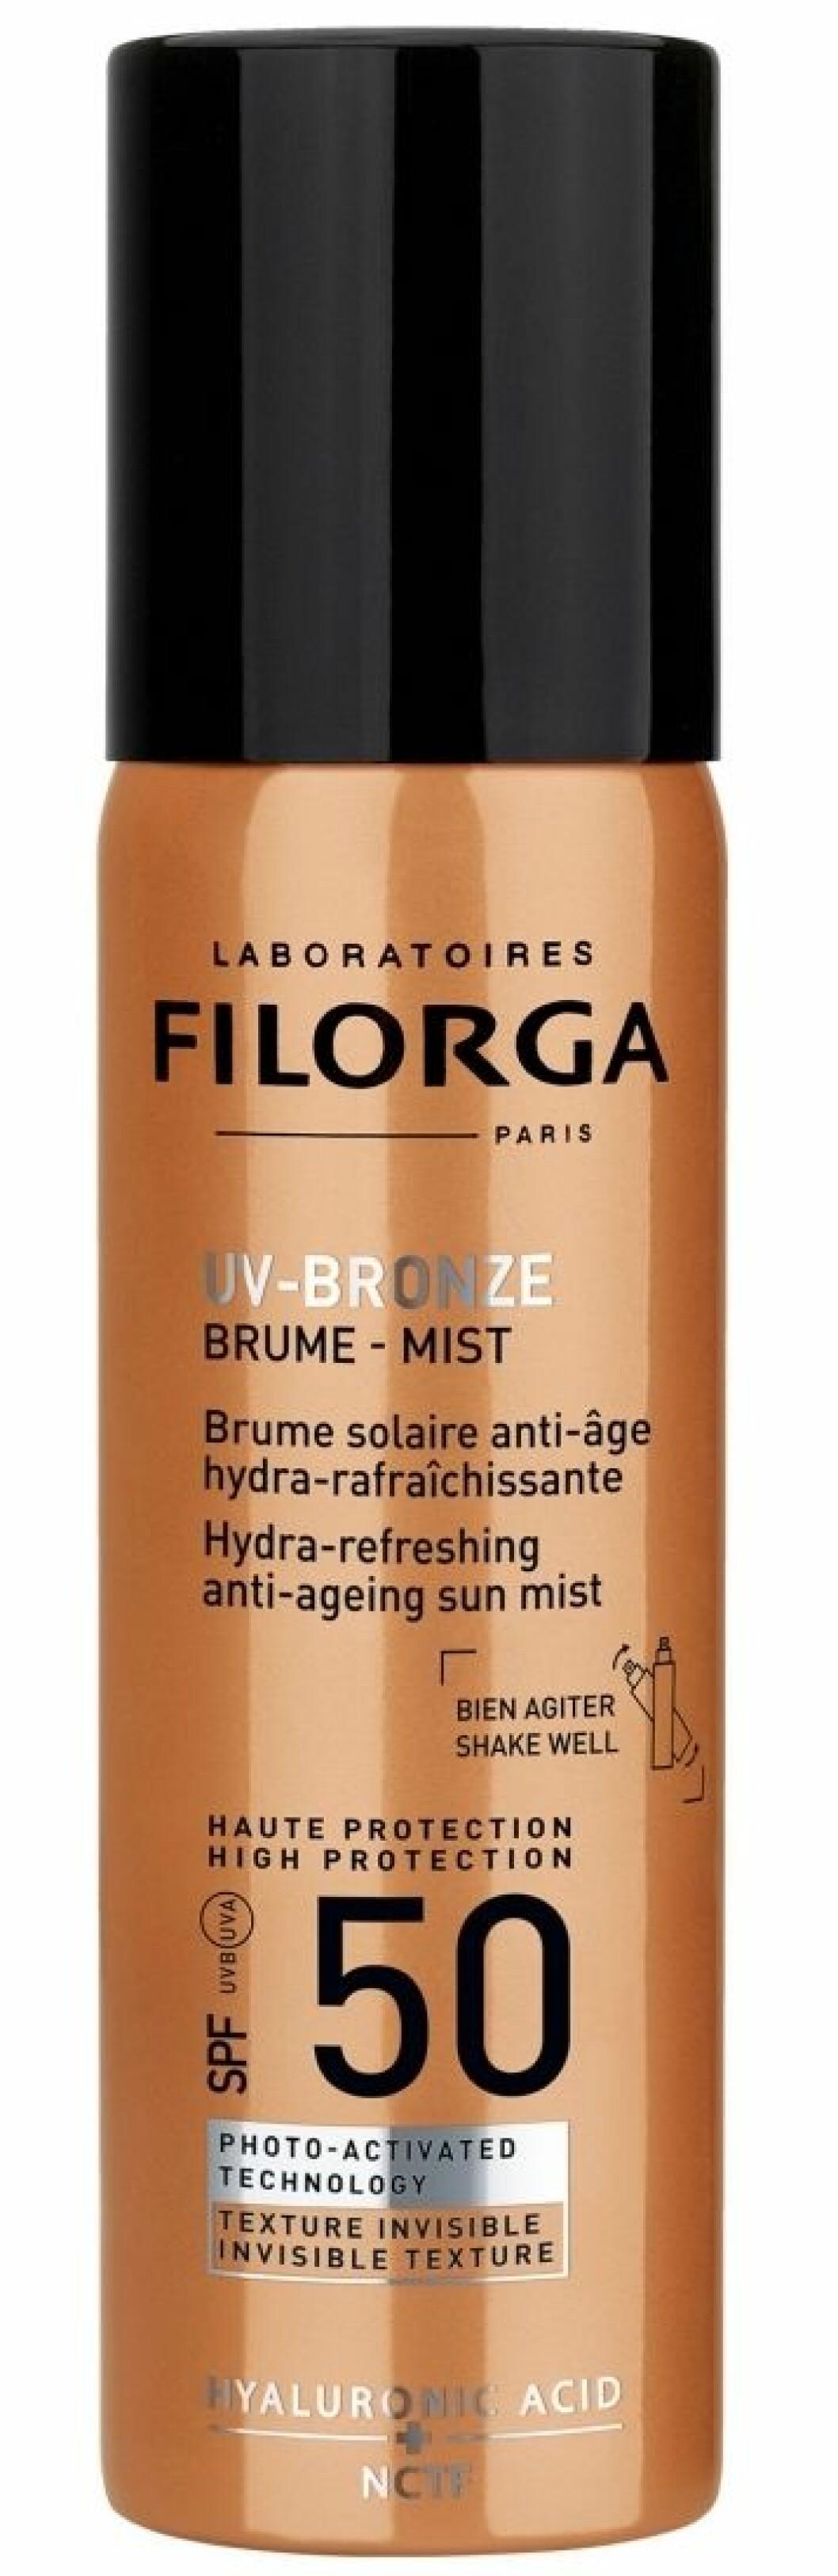 UV bronze mist SPF 50+ från Filorga